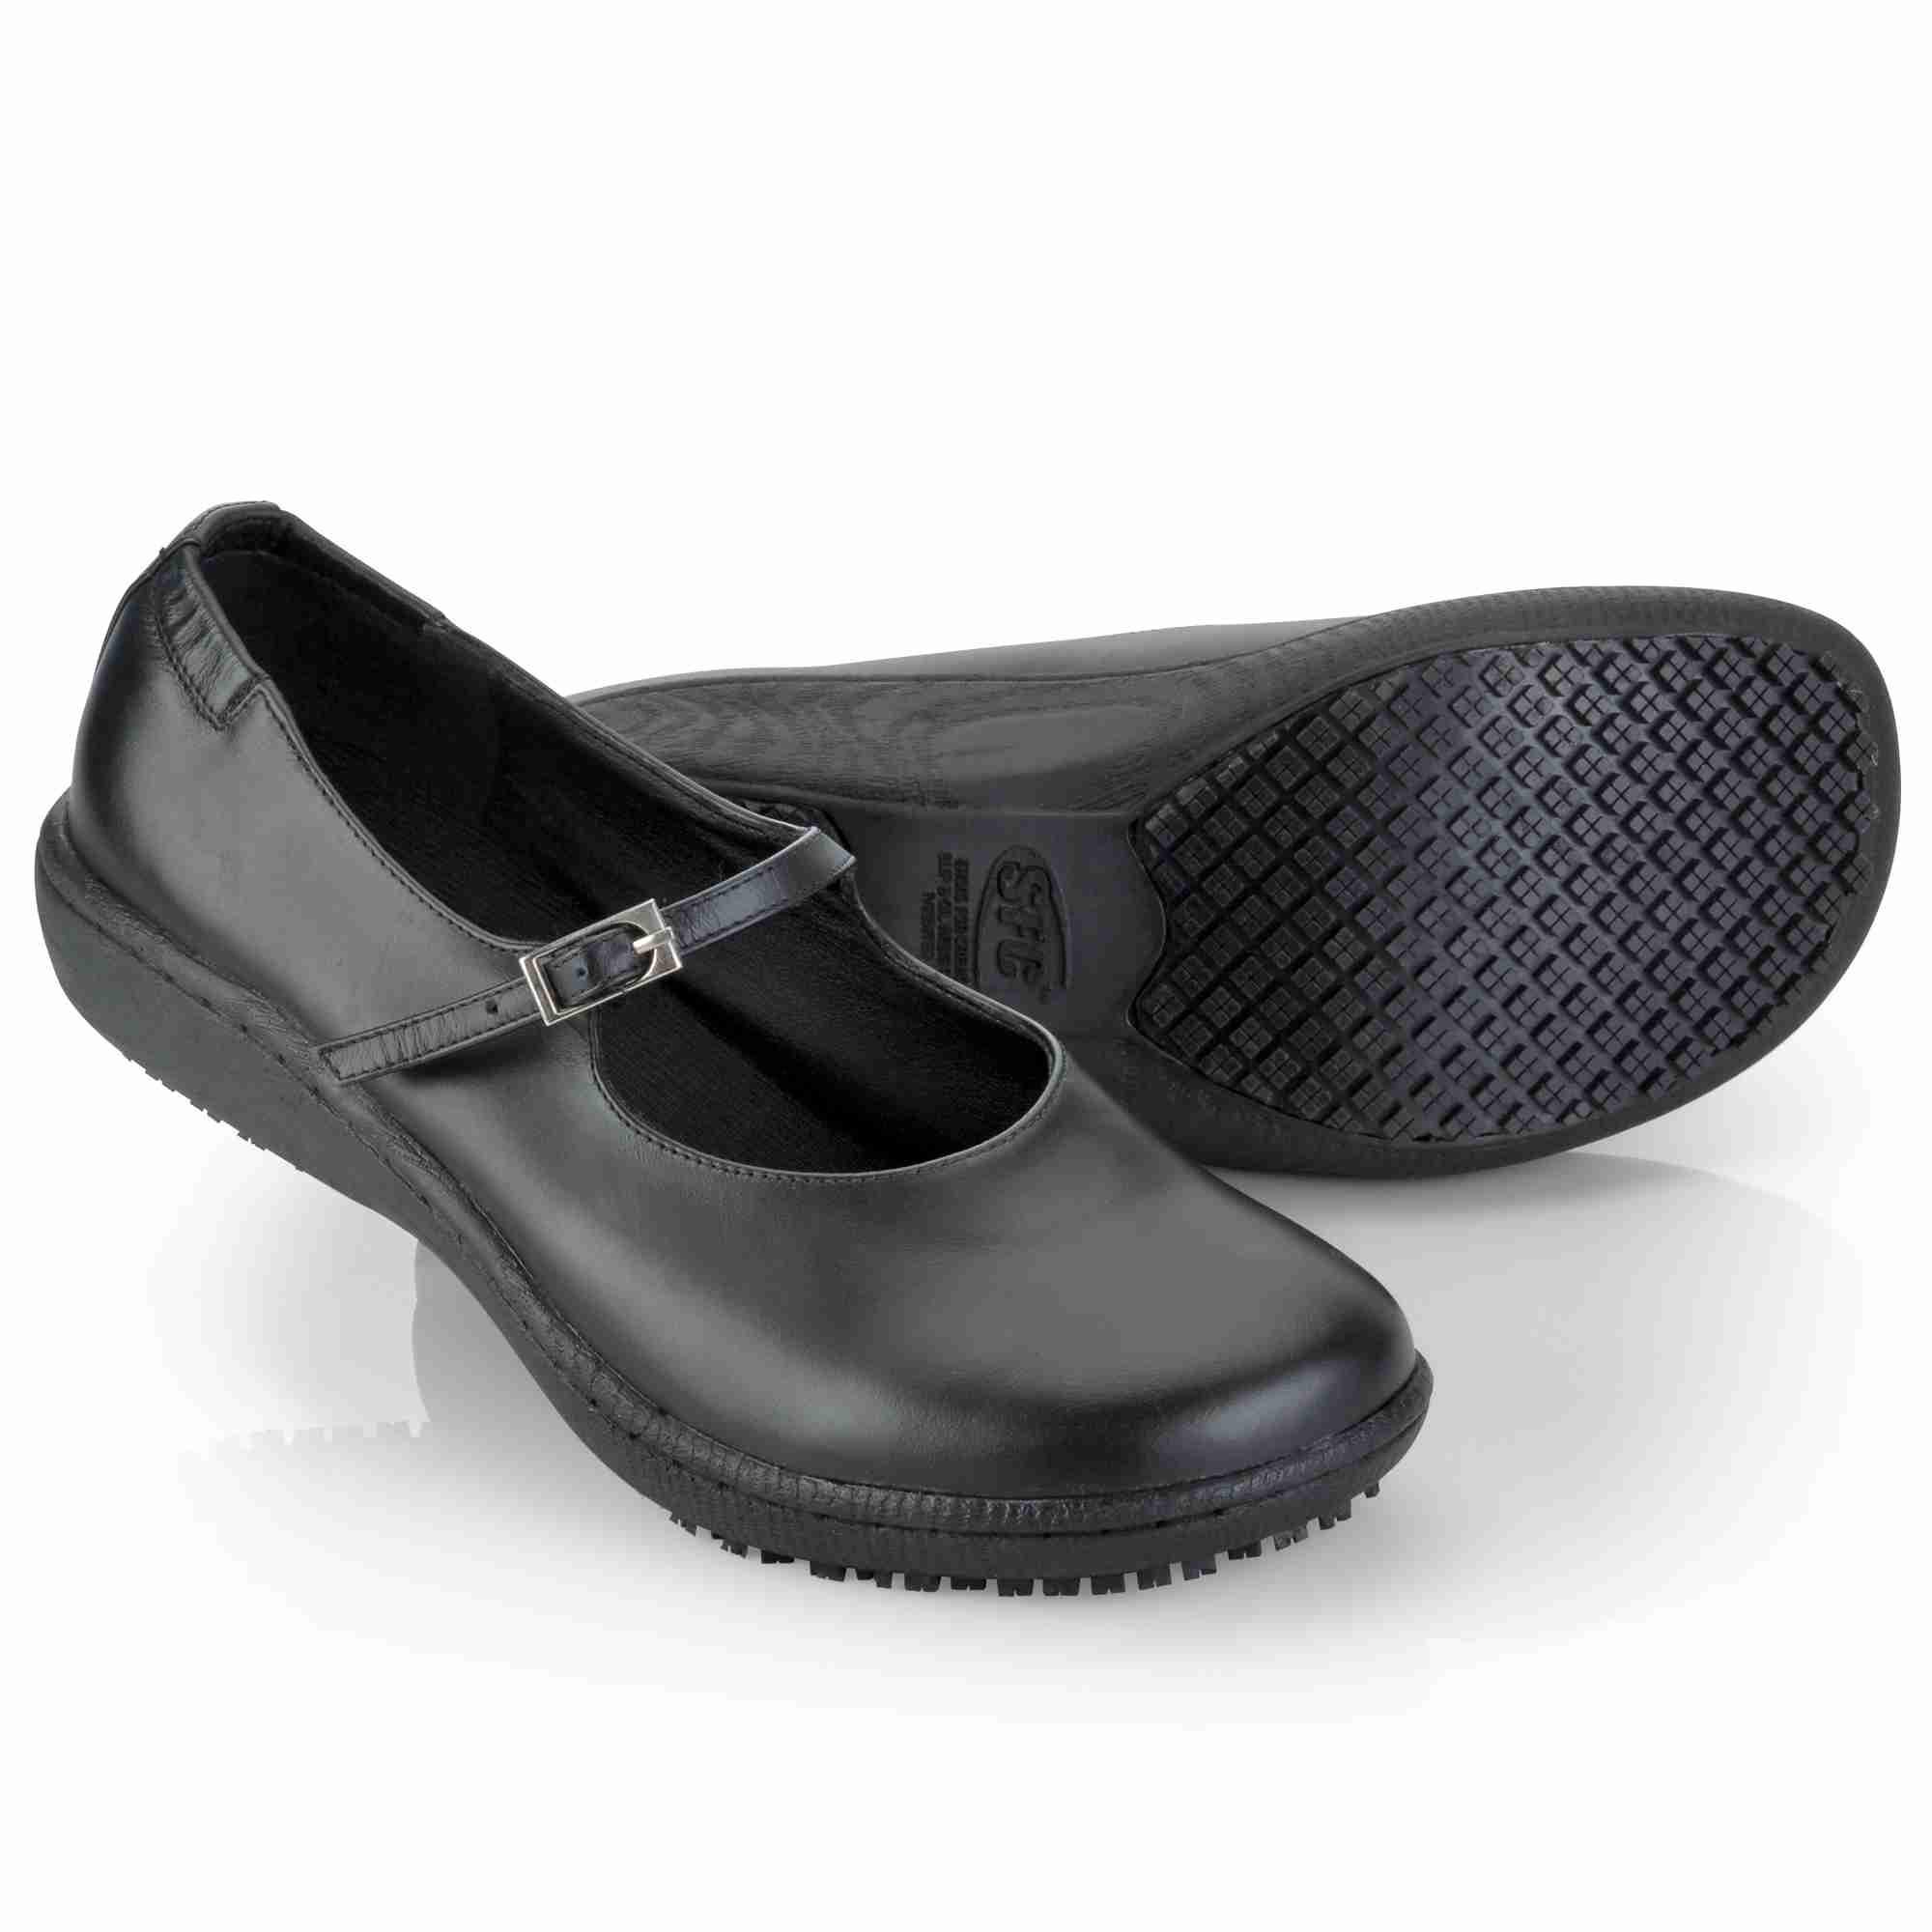 3002 shoes for crews mary jane sfc damen arbeitsschuhe serviceschuhe berufsschuh ebay. Black Bedroom Furniture Sets. Home Design Ideas